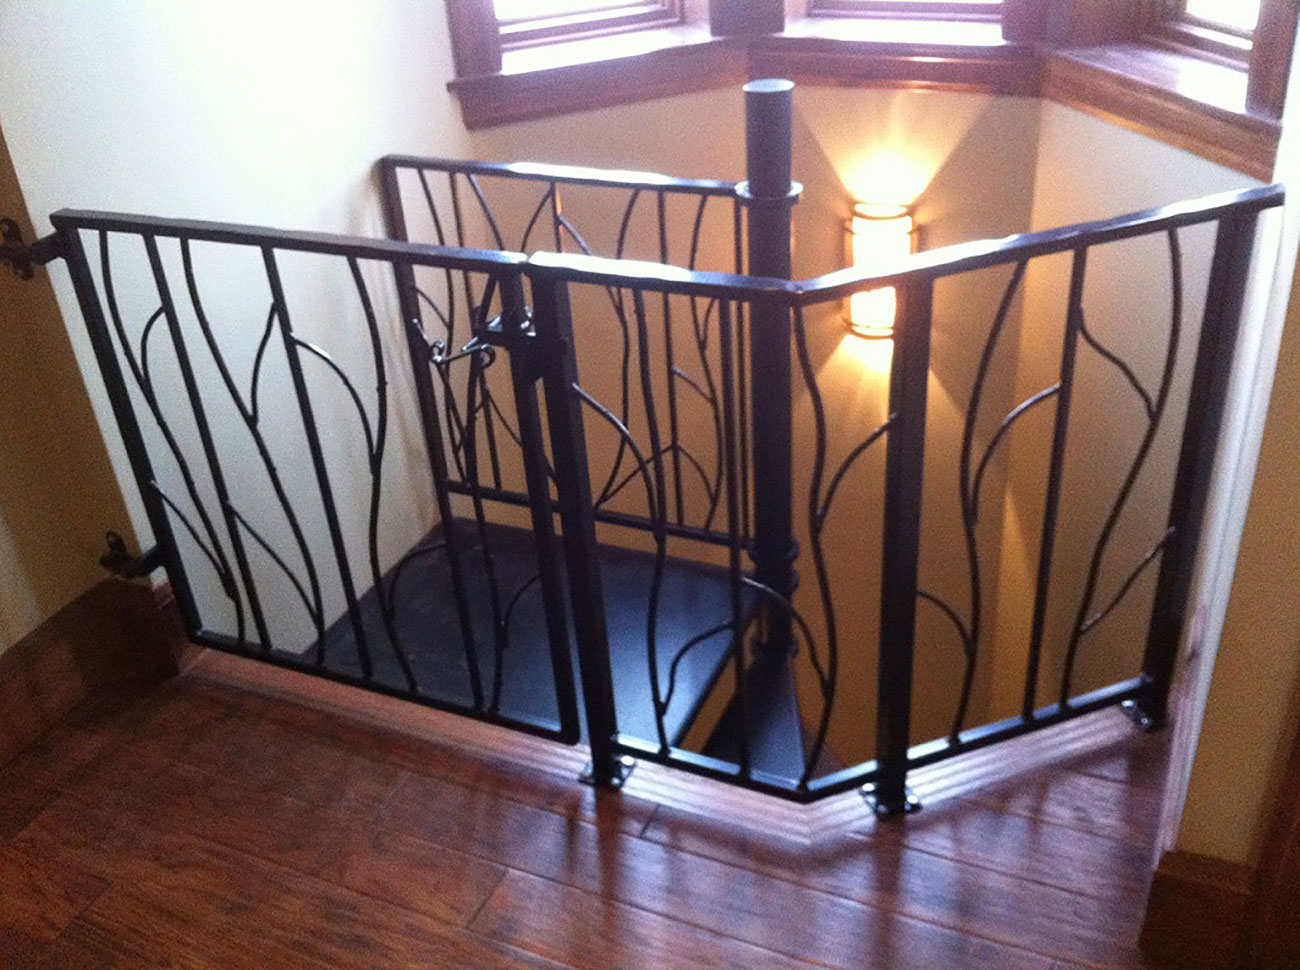 upstairs railing